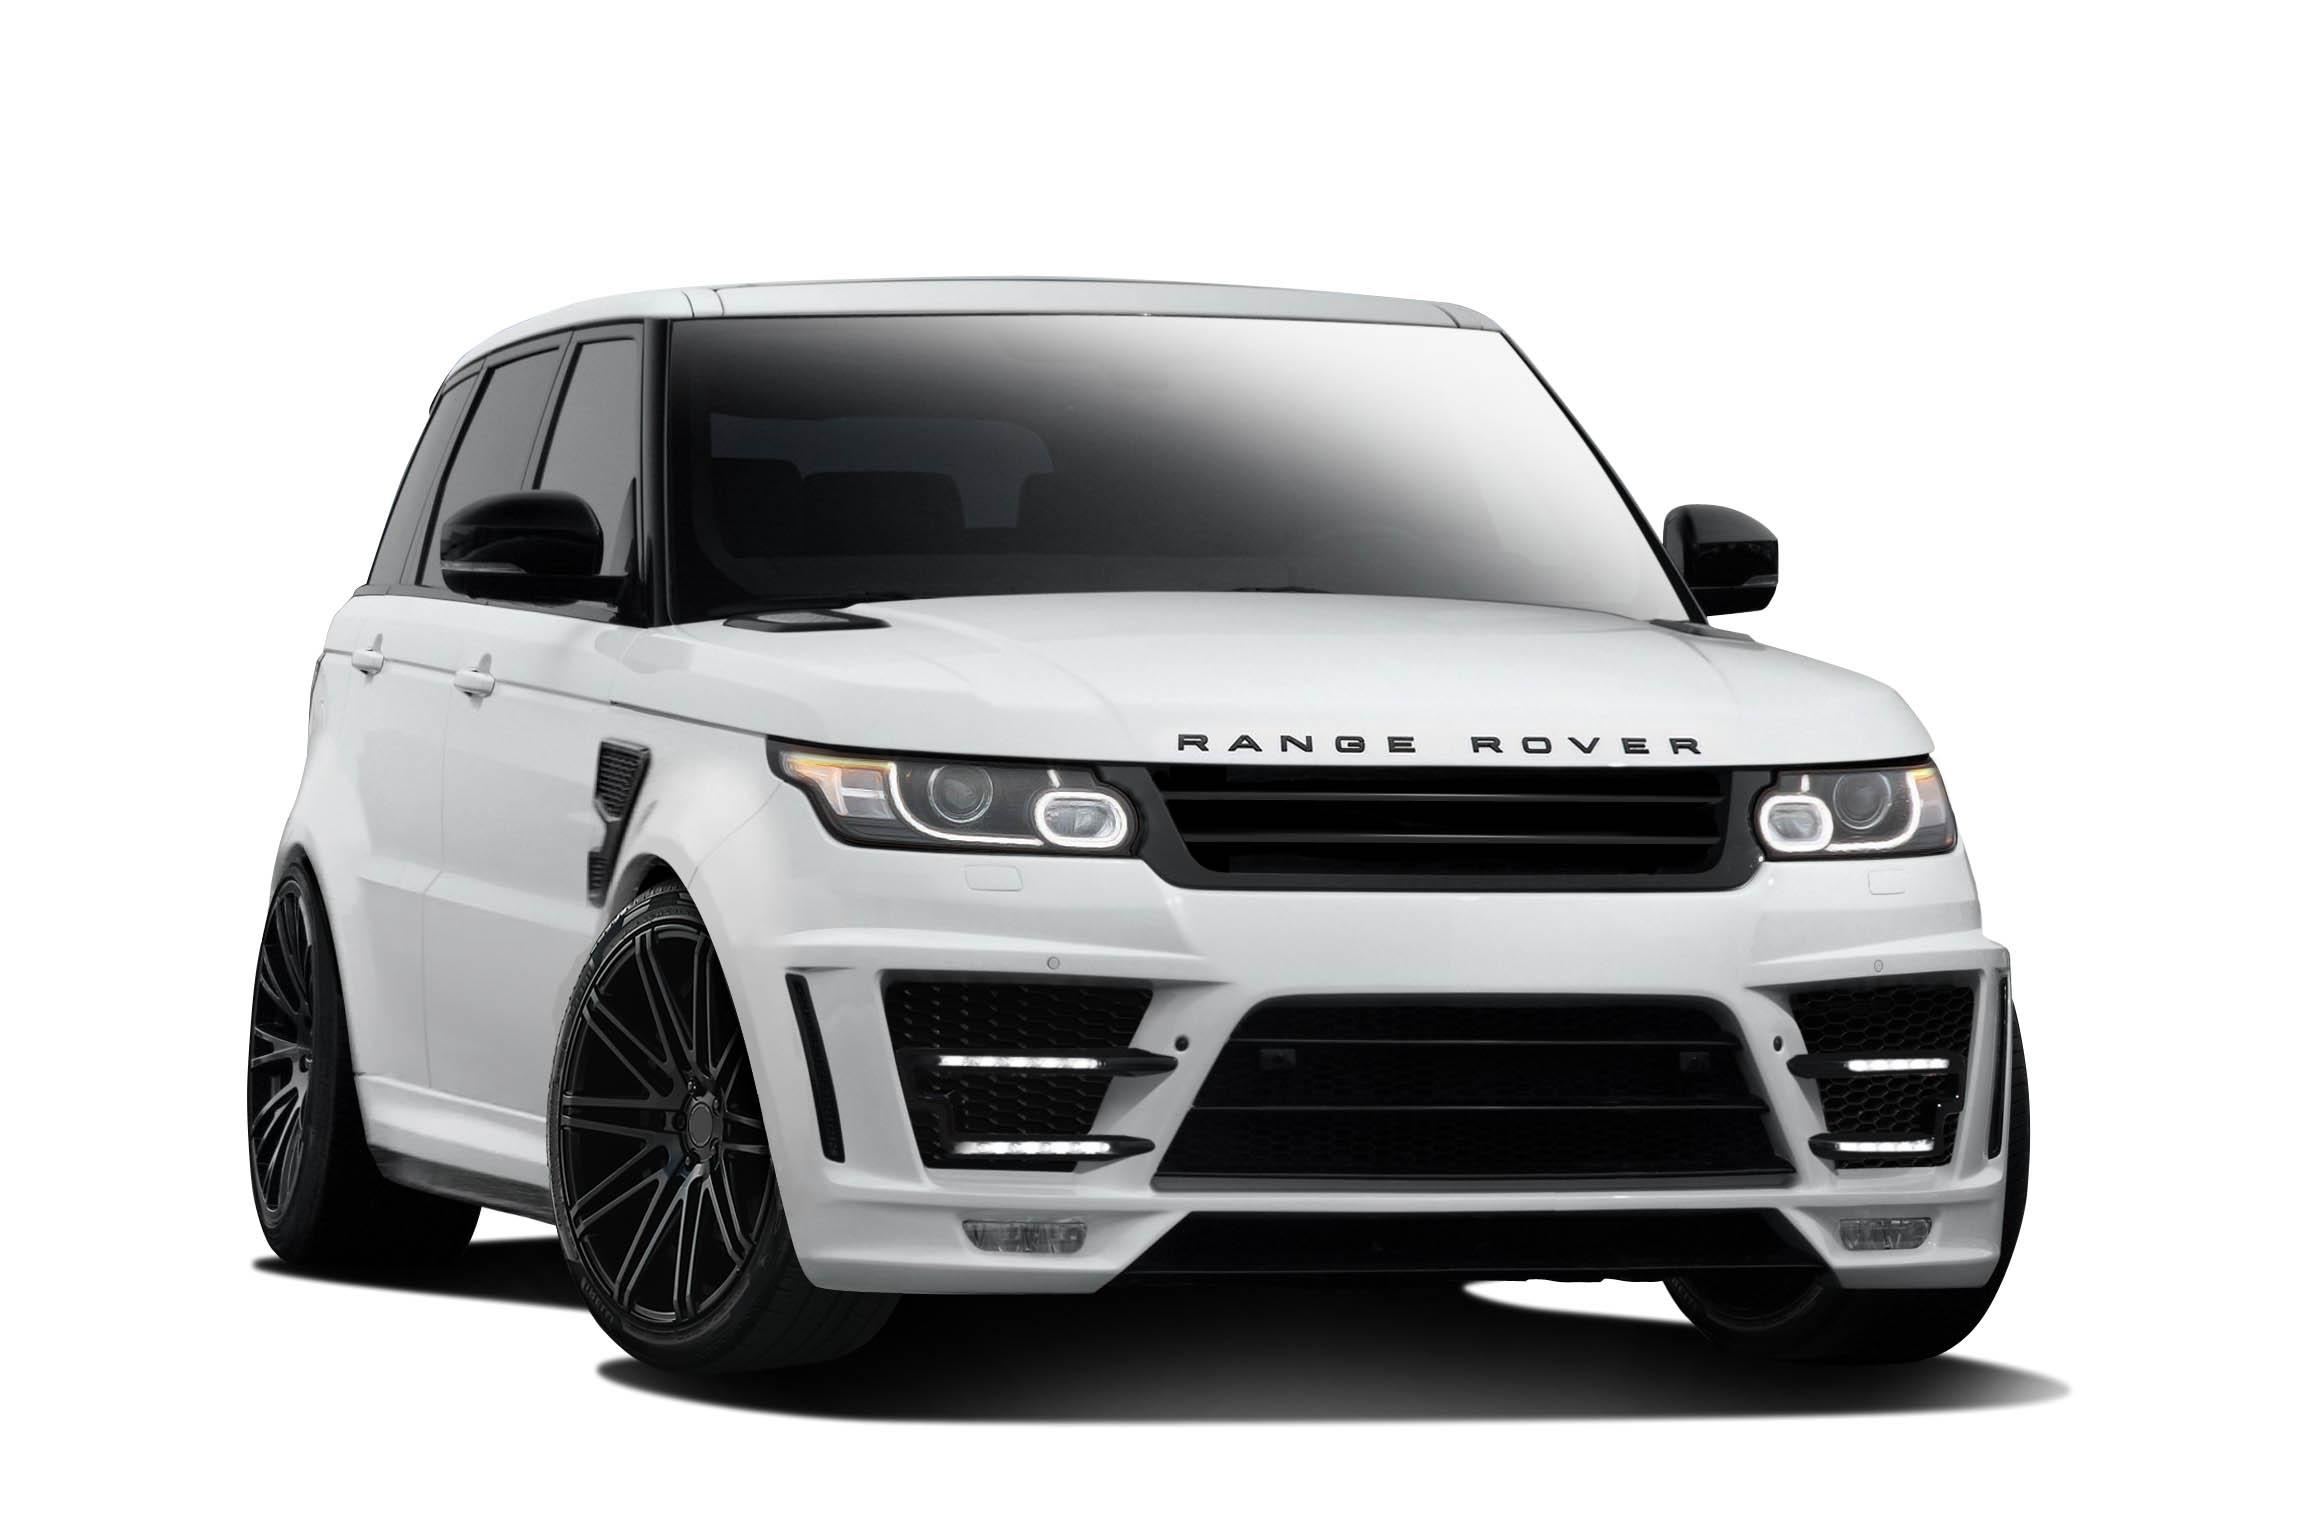 2014 2015 Land Rover Range Rover Sport AF 1 Body Kit 10 pc